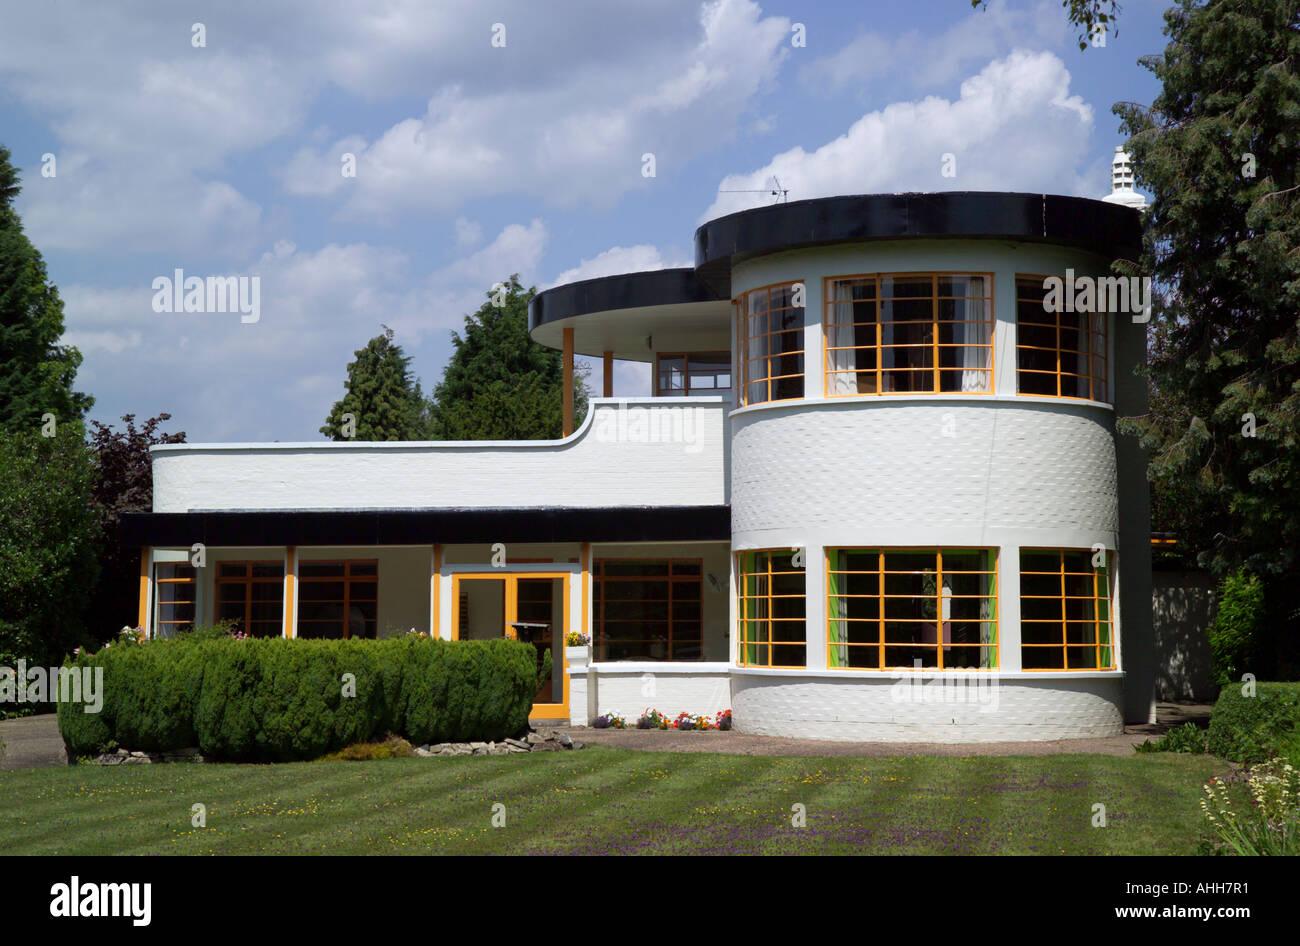 La Casa Sol en Cambridge, Reino Unido. Un hogar catalogado de grado 2 en estilo Art Deco construido en 1938 por los arquitectos Mullet y Denton Smith Imagen De Stock